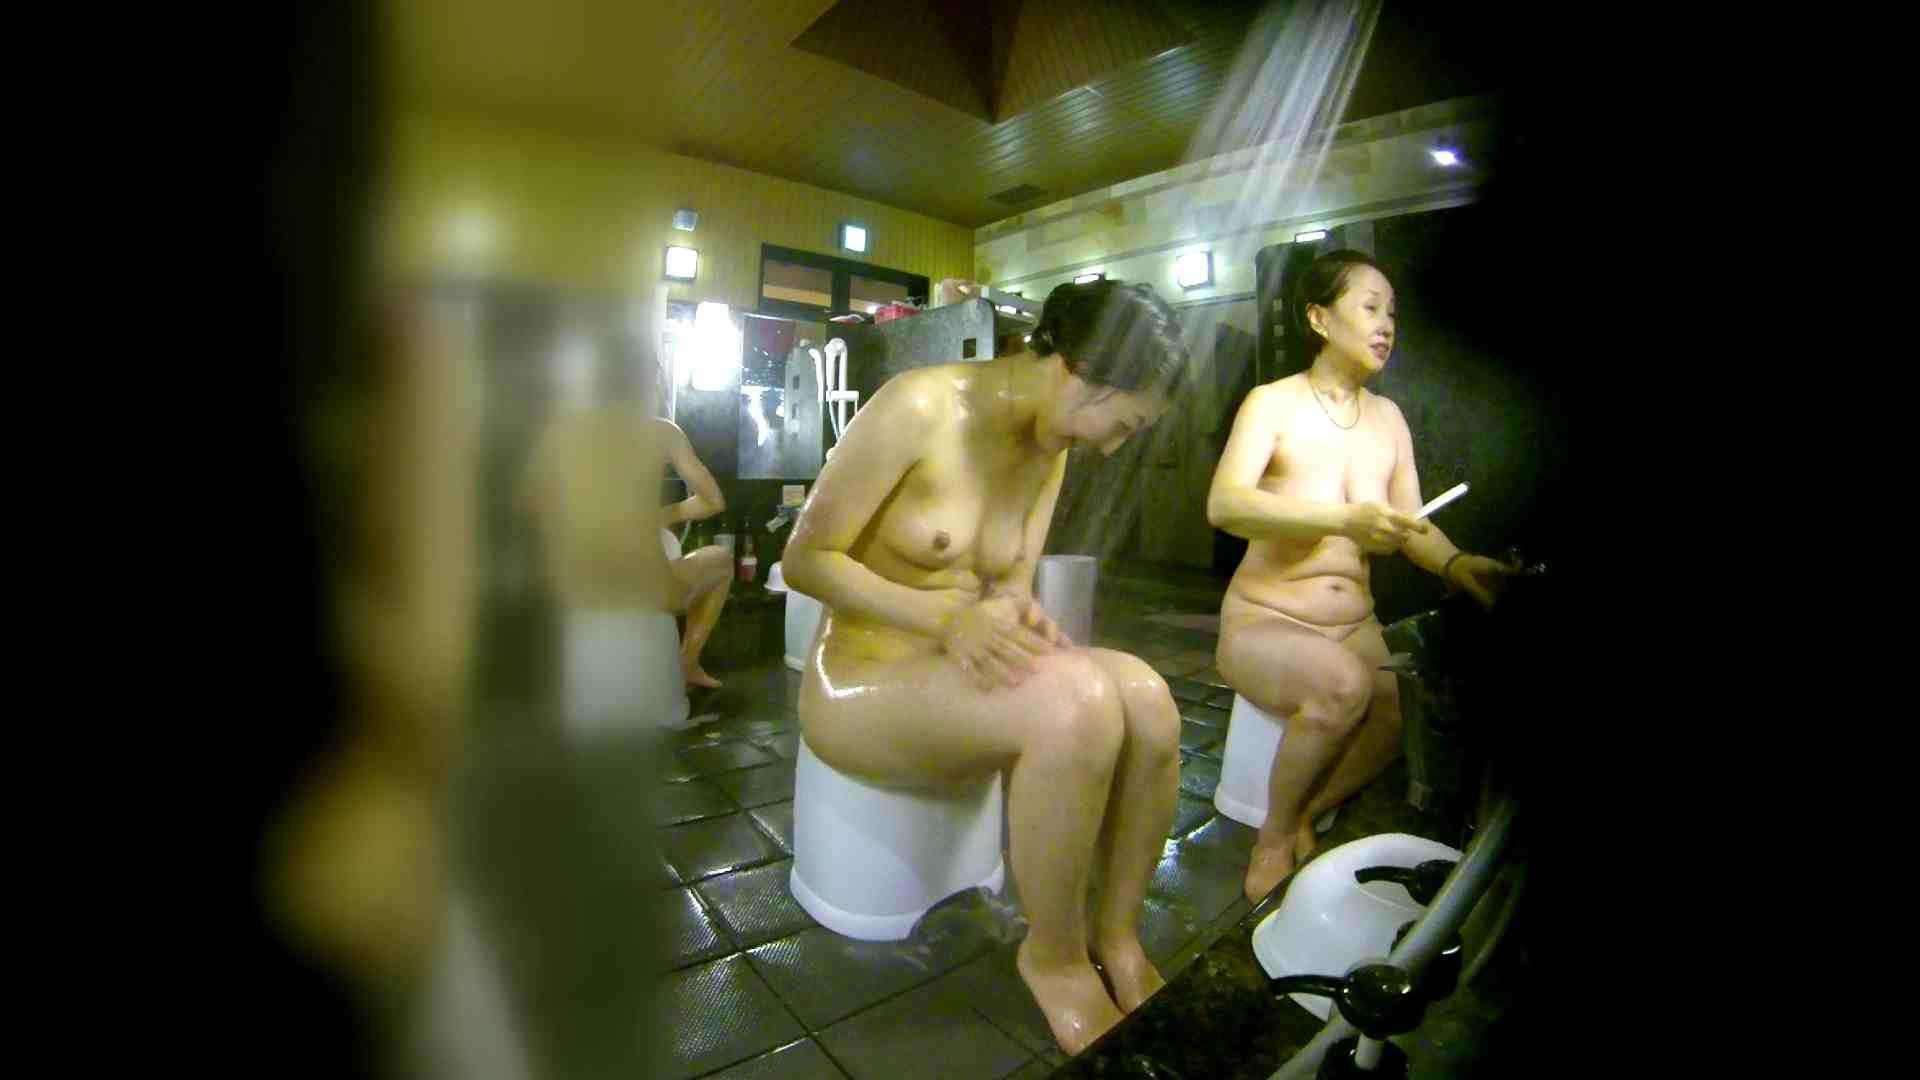 洗い場!右足の位置がいいですね。陰毛もっさり! 潜入 オメコ動画キャプチャ 111画像 54